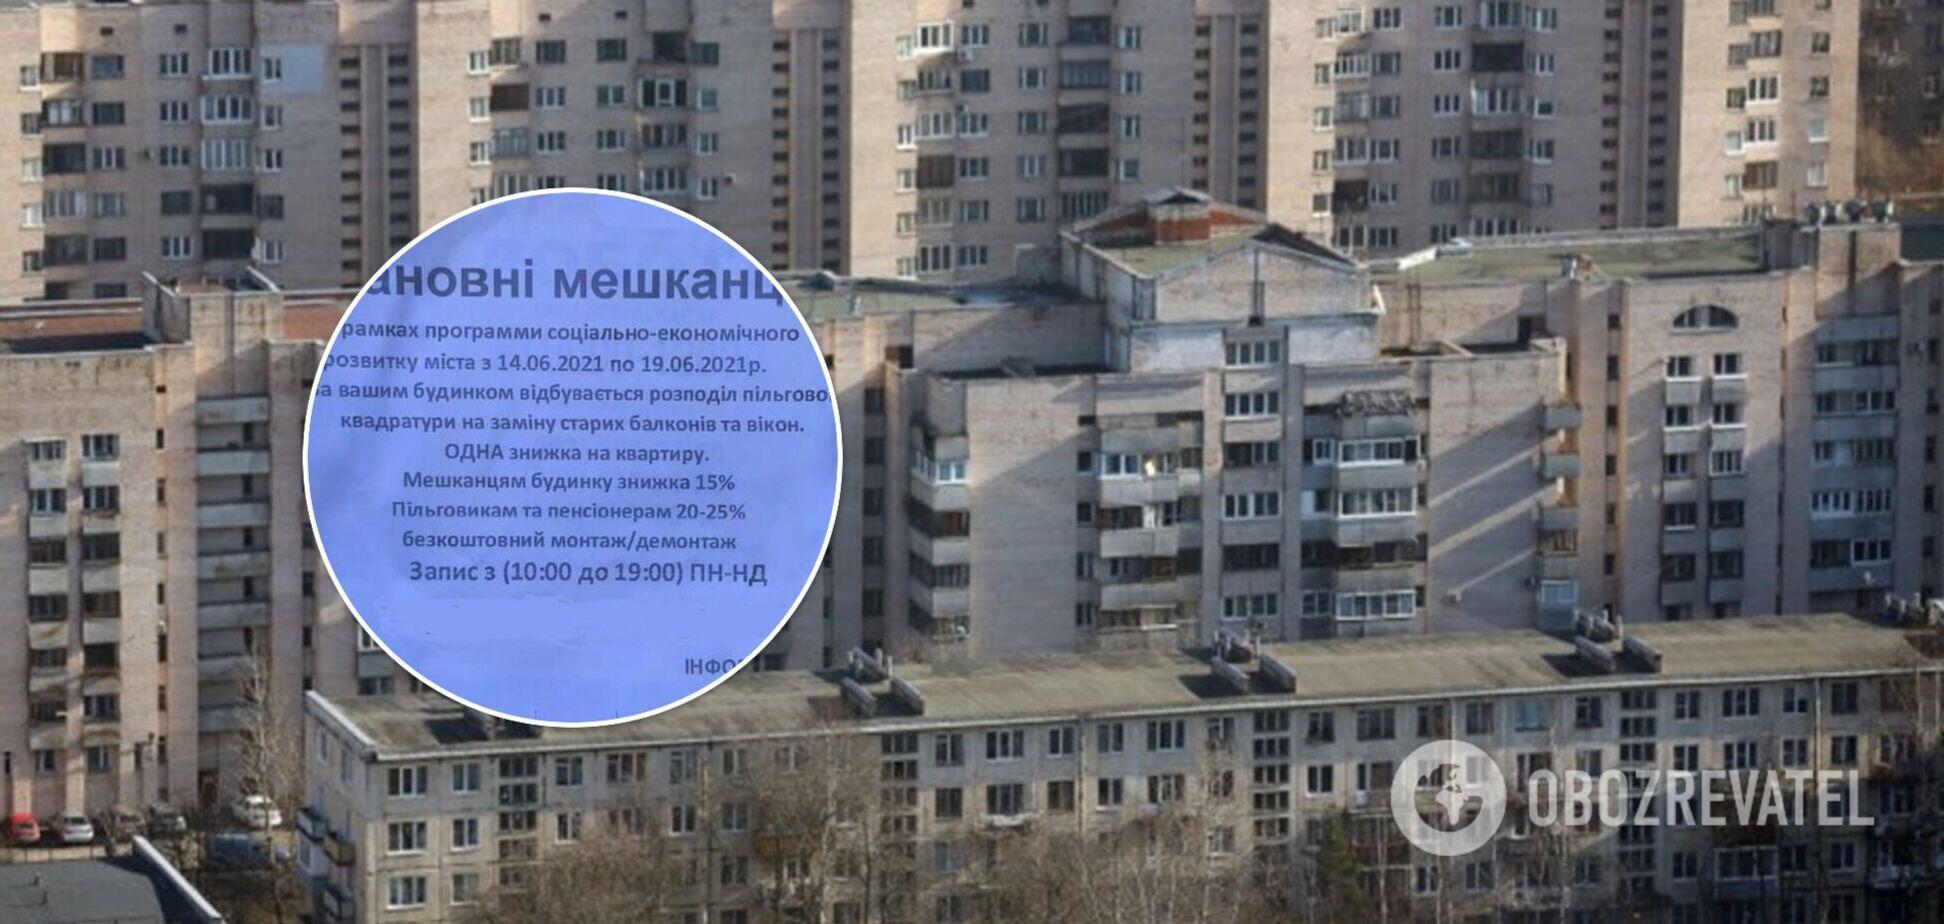 У Києві з'явився новий вид шахрайства: від імені КМДА пропонують замінити вікна та двері в квартирах. Фото